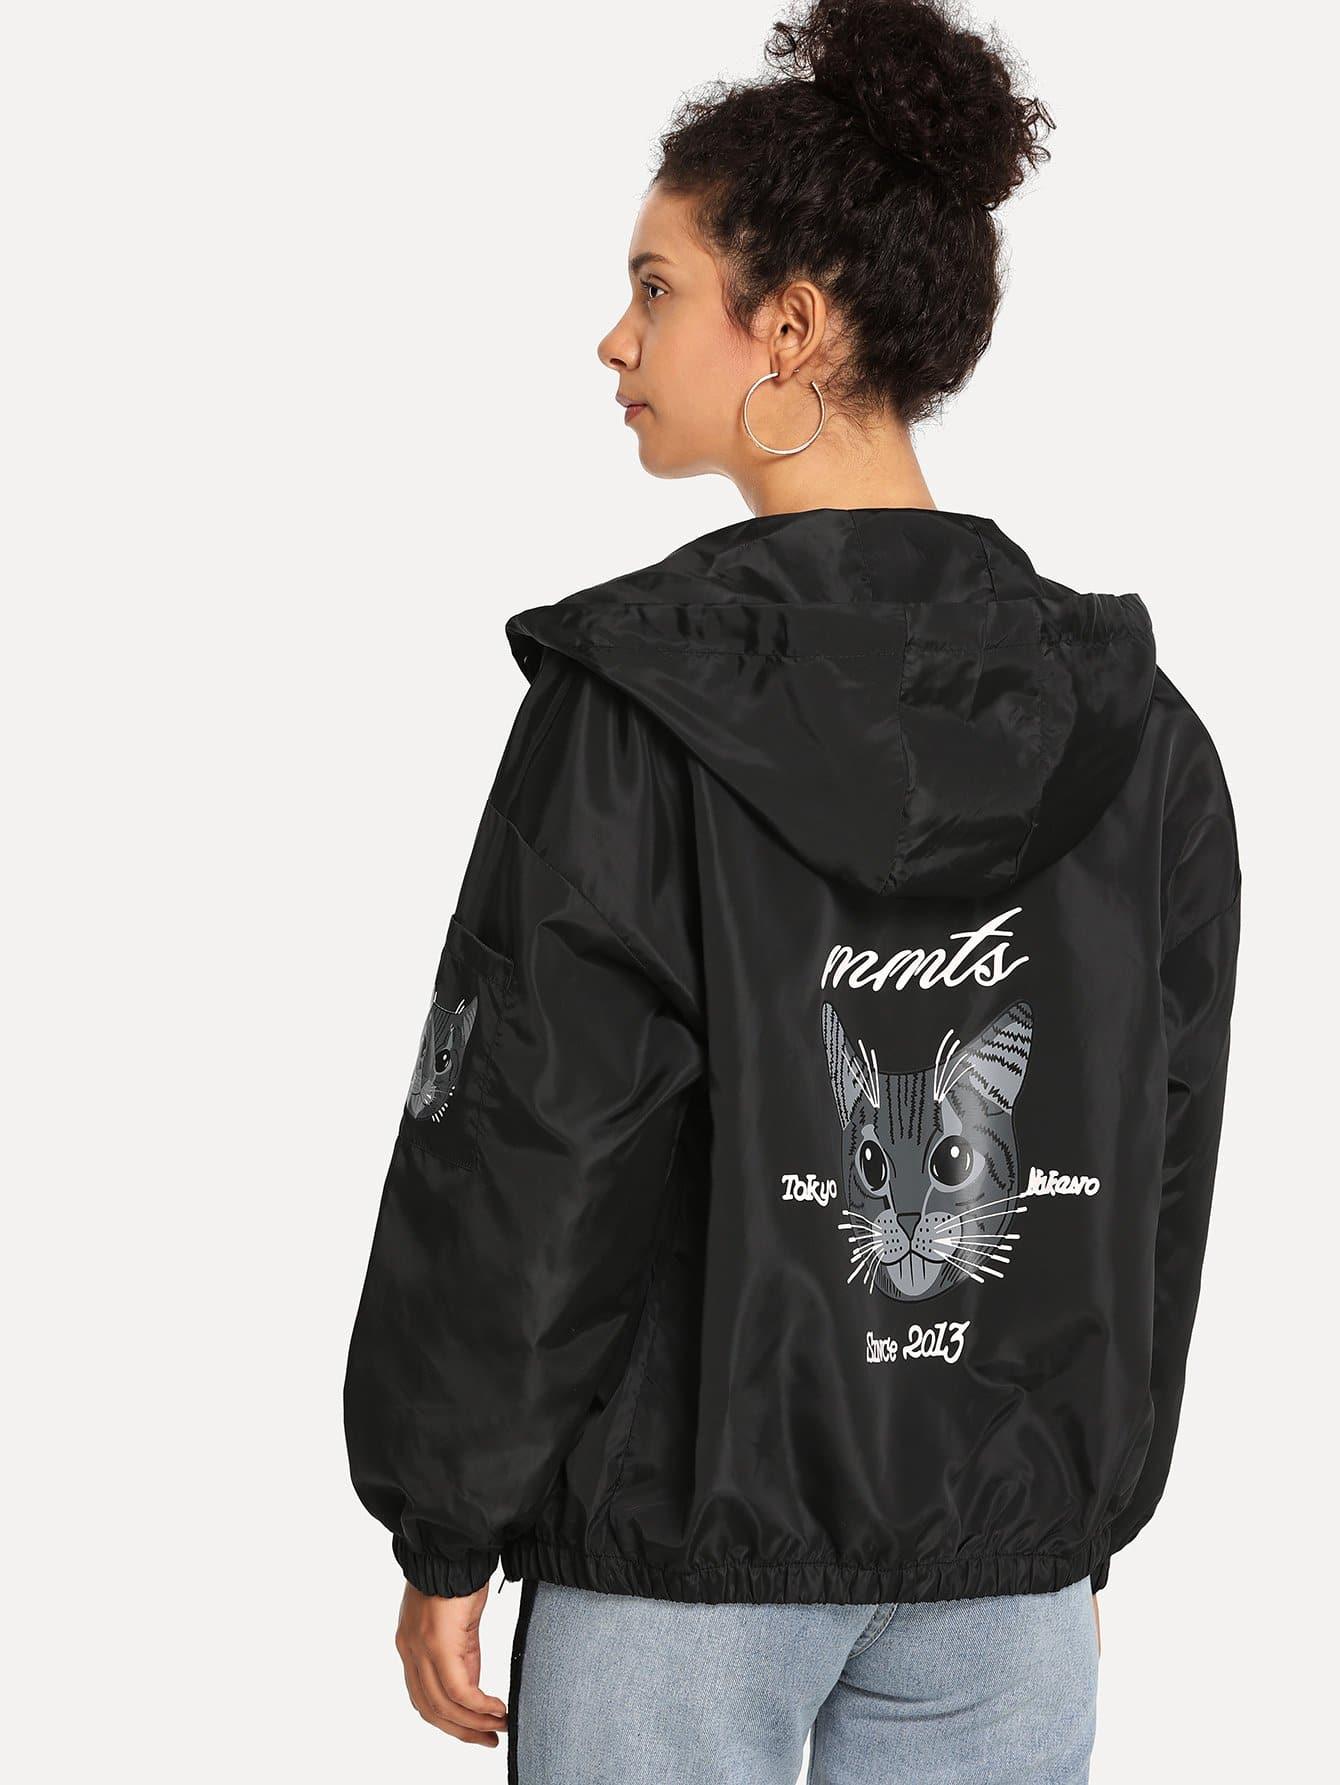 Jacke mit sehr tief angesetzter Schulterpartie und Katze Muster